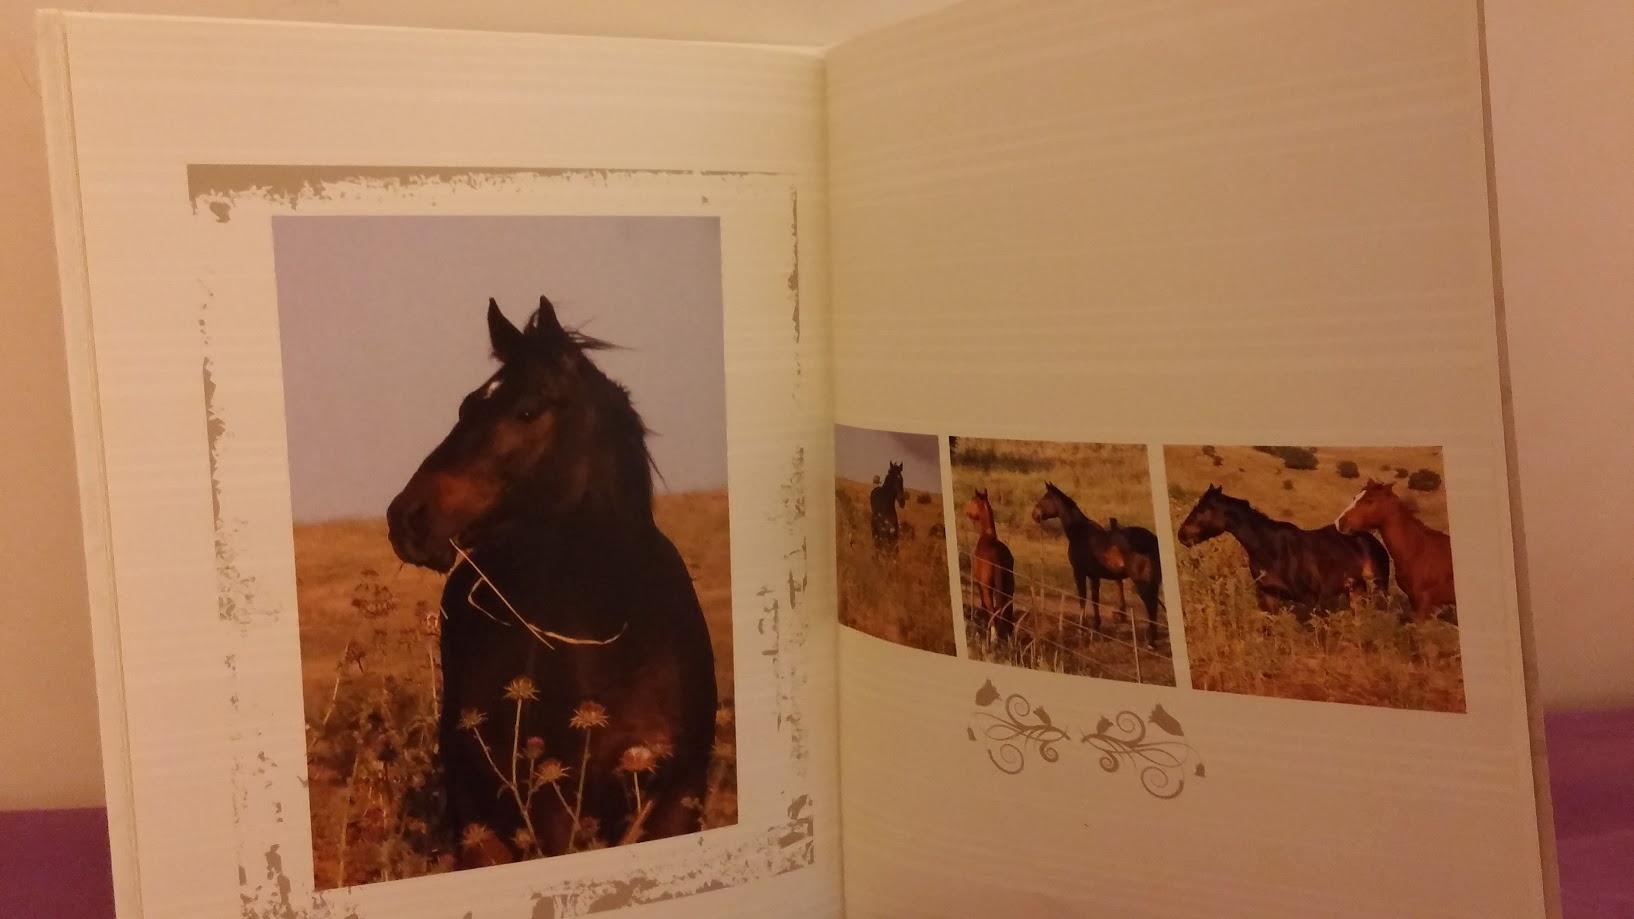 אלבום דיגיטלי סוסים - 'יהיה בסדר בצפון!'